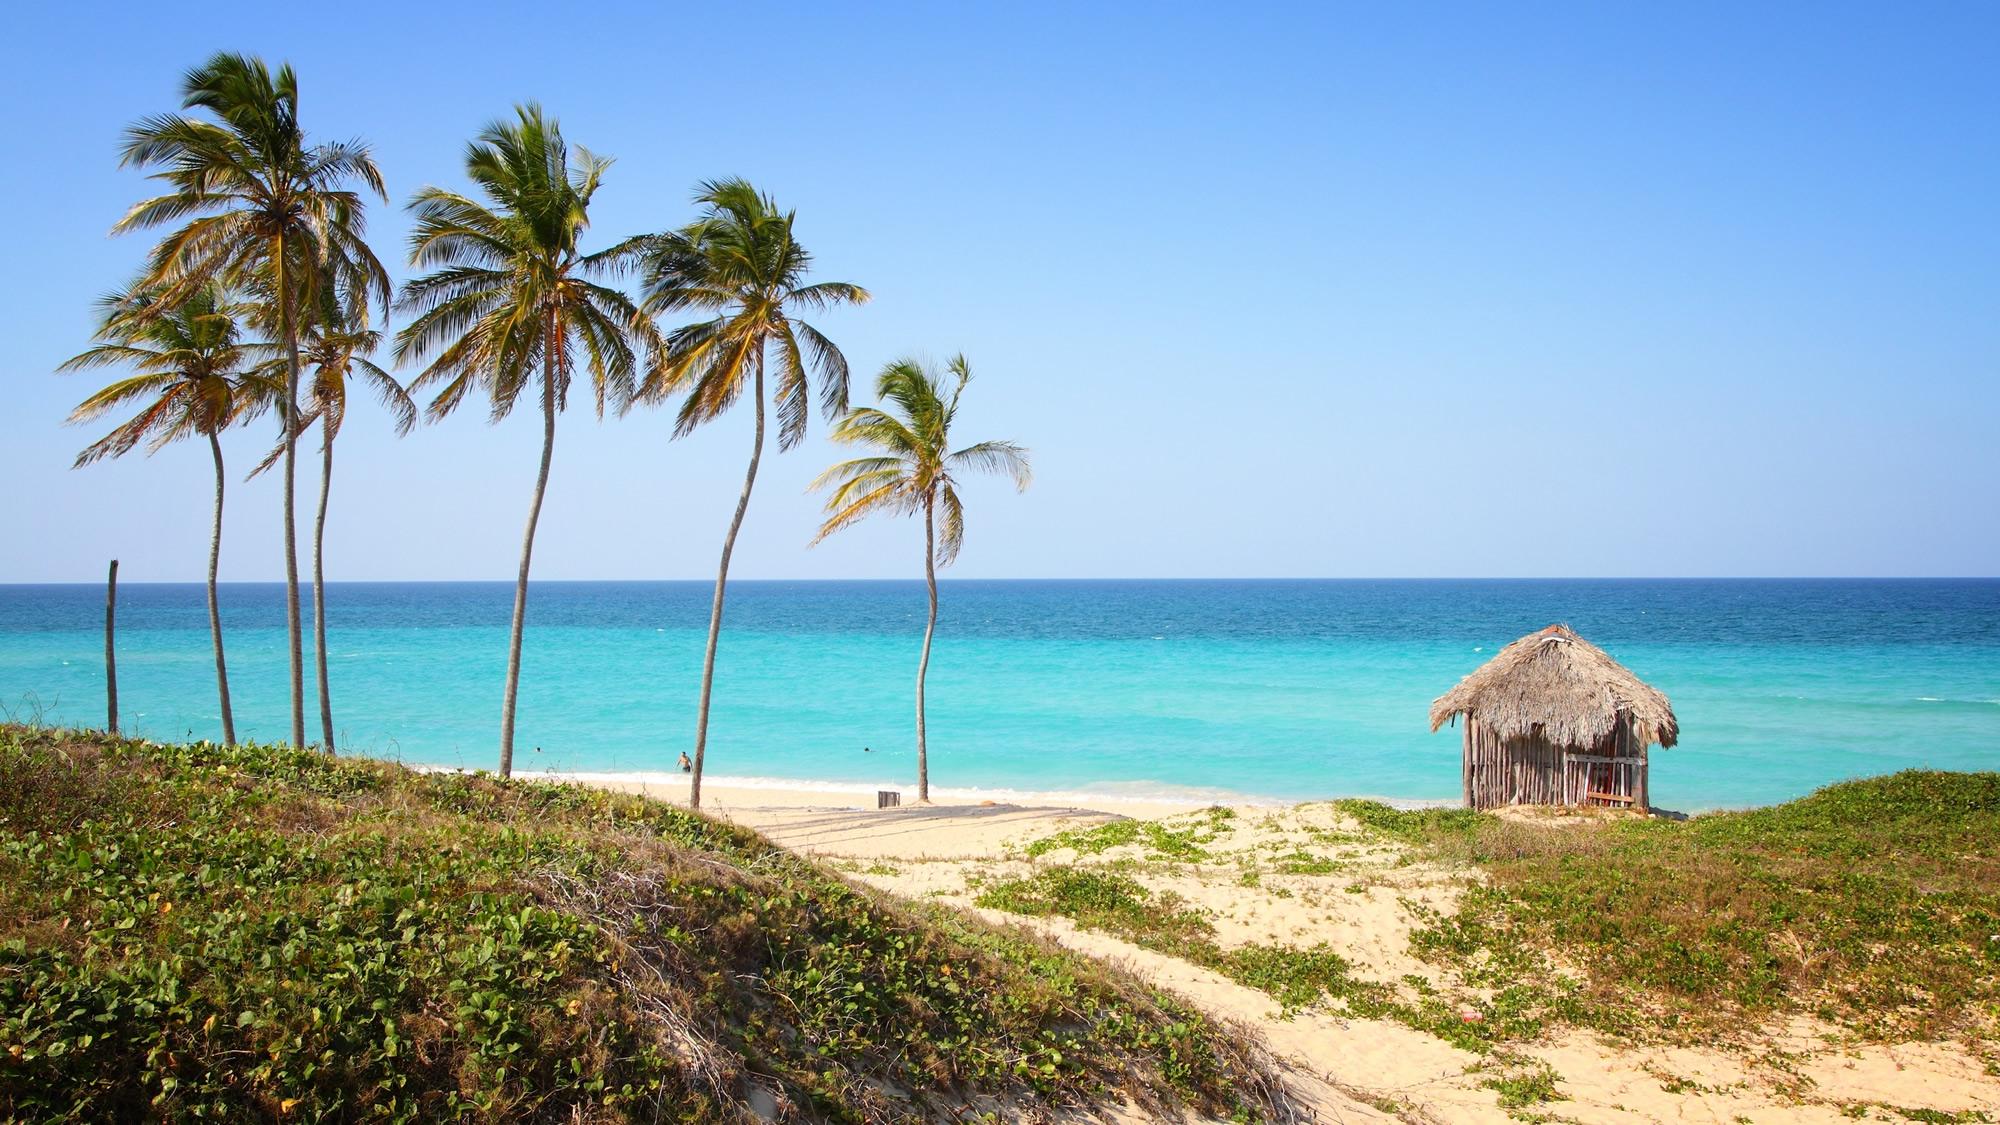 Playa megano playas del este Havana Cuba